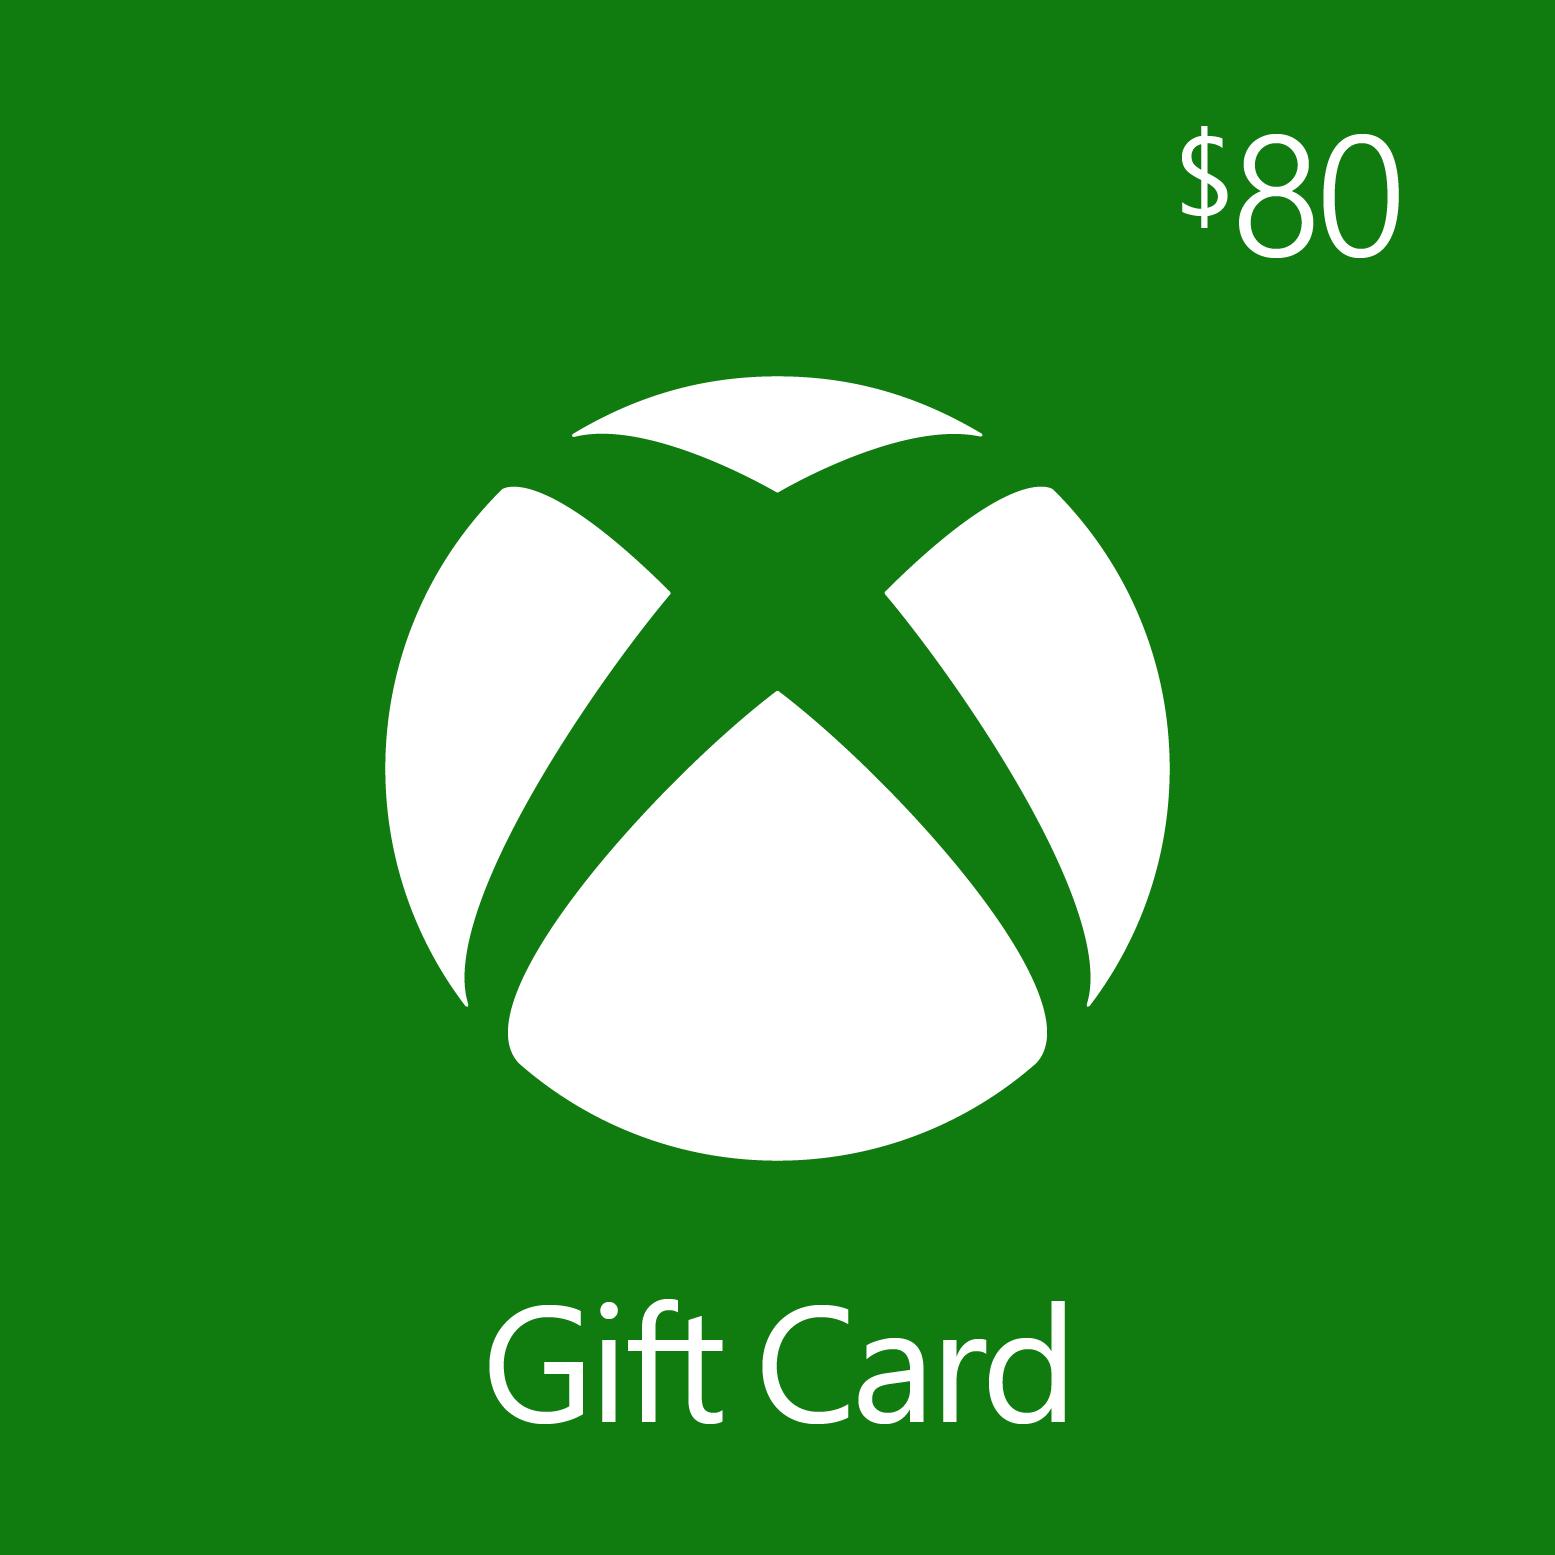 $80.00 Xbox Digital Gift Card